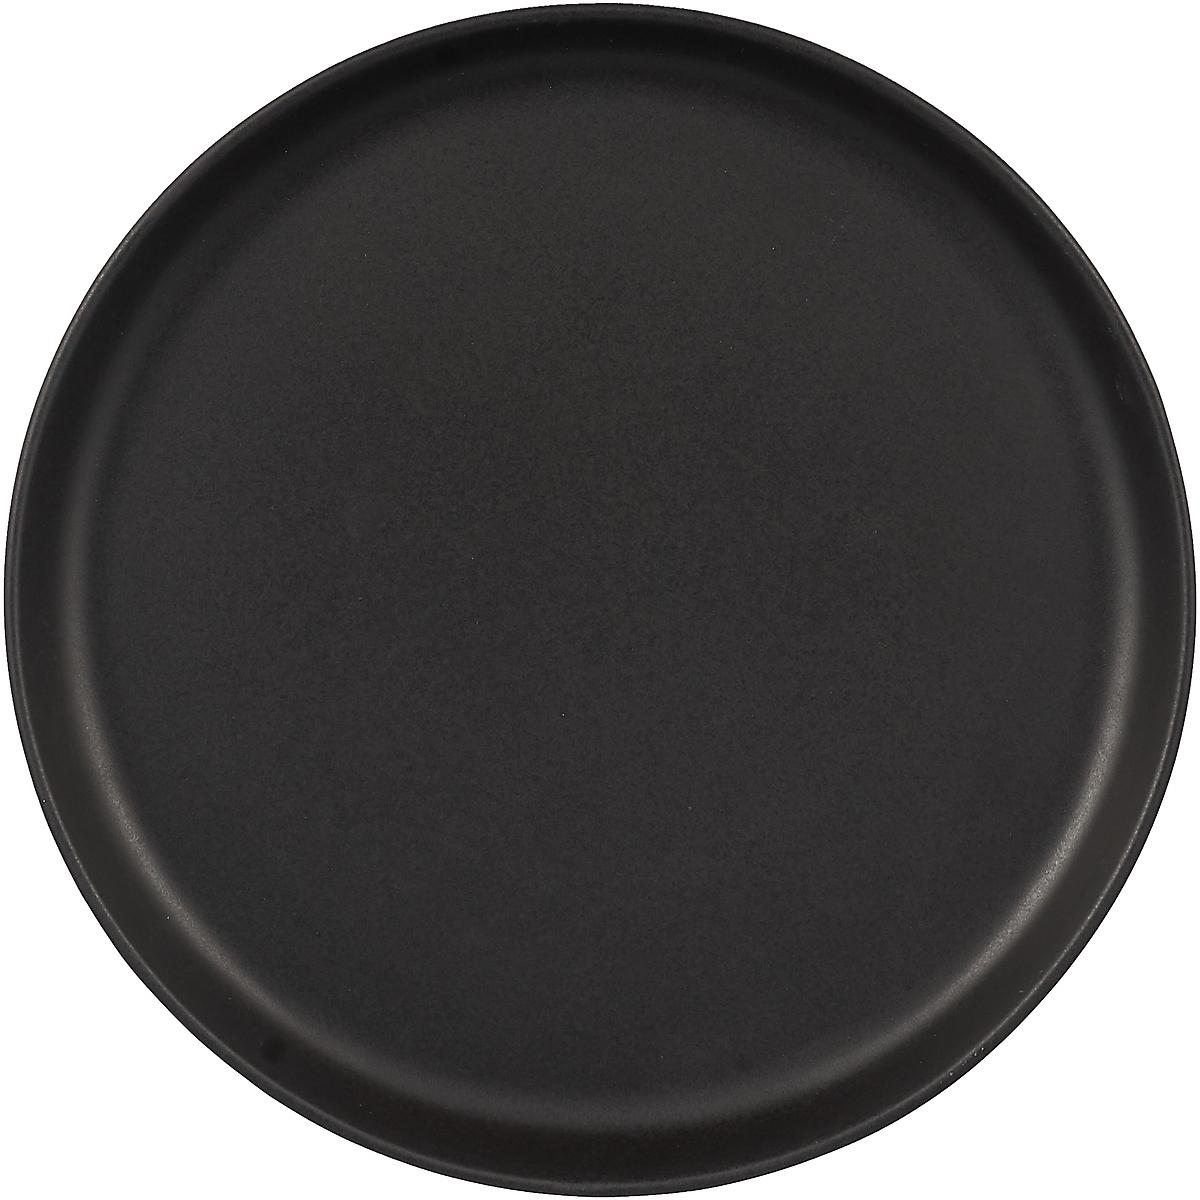 Блюдо Eva Solo Nordic Kitchen, цвет: черный. Диаметр 25 см